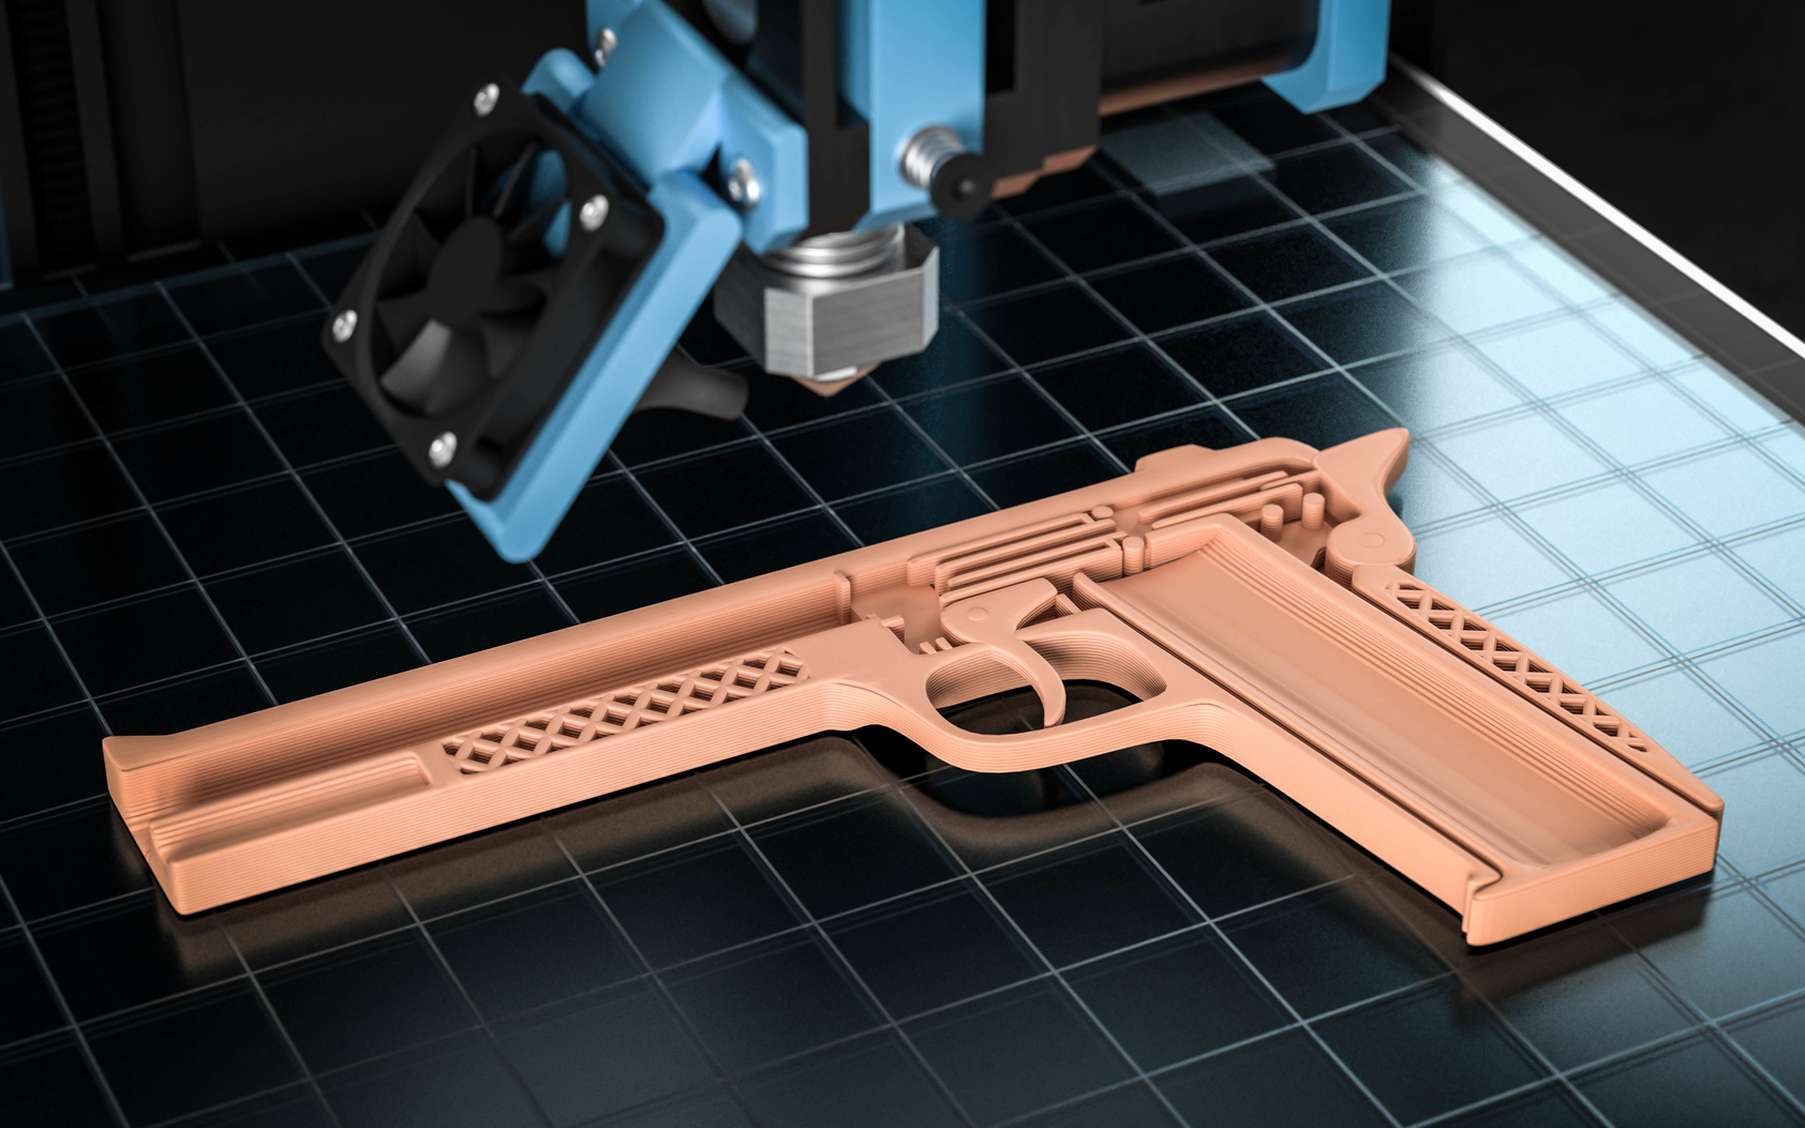 L'impression 3D d'armes à feu est actuellement au centre d'une bataille juridique aux États-Unis. © Fotomek, Fotolia